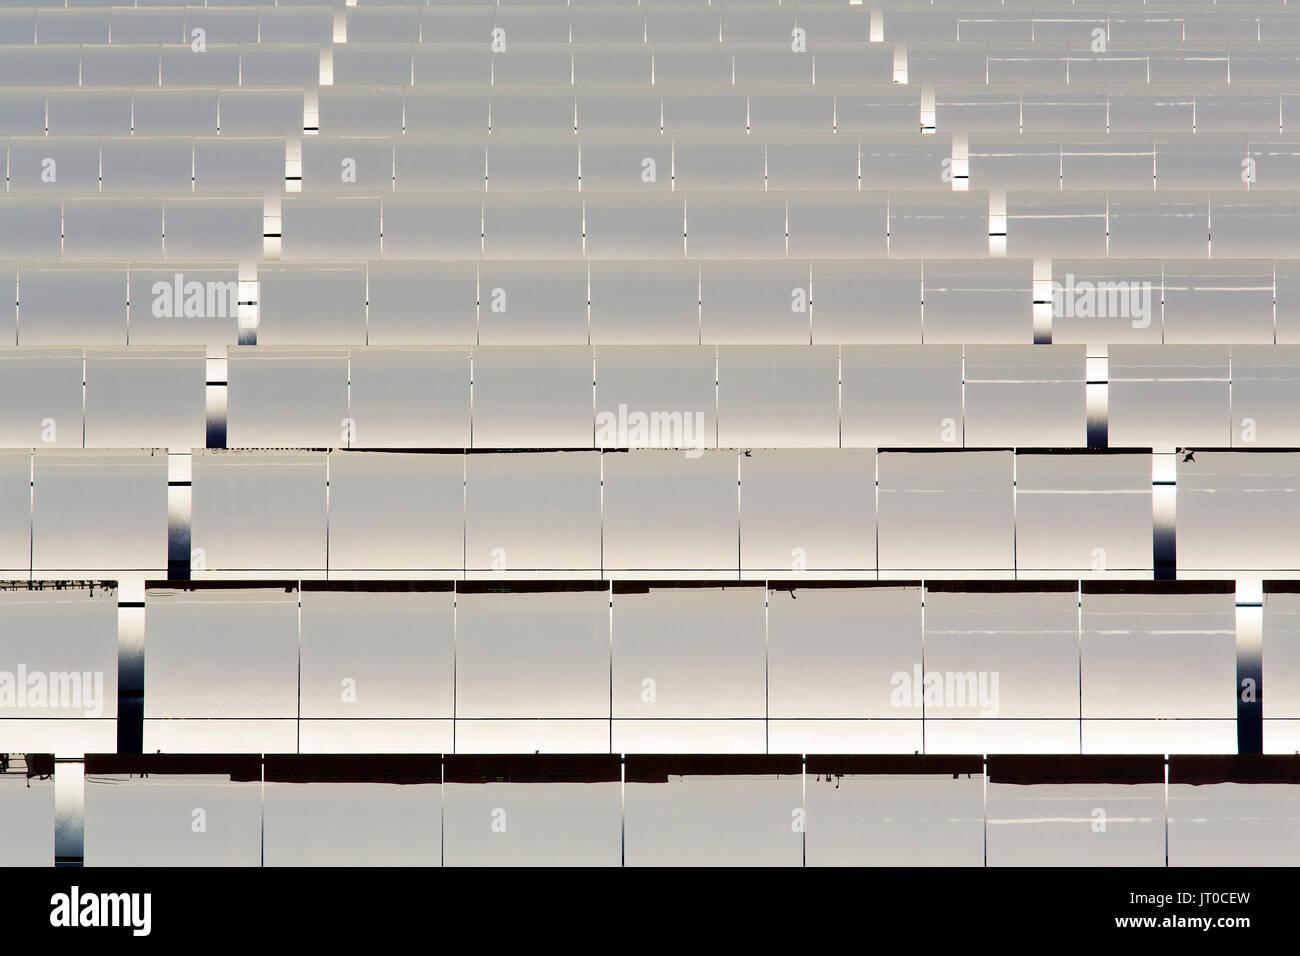 Thermische Solaranlagen nachhaltige Energie, Noor Ouarzazate Concentrated Solar Power Station Komplex. Marokko, Maghreb Nordafrika Stockbild